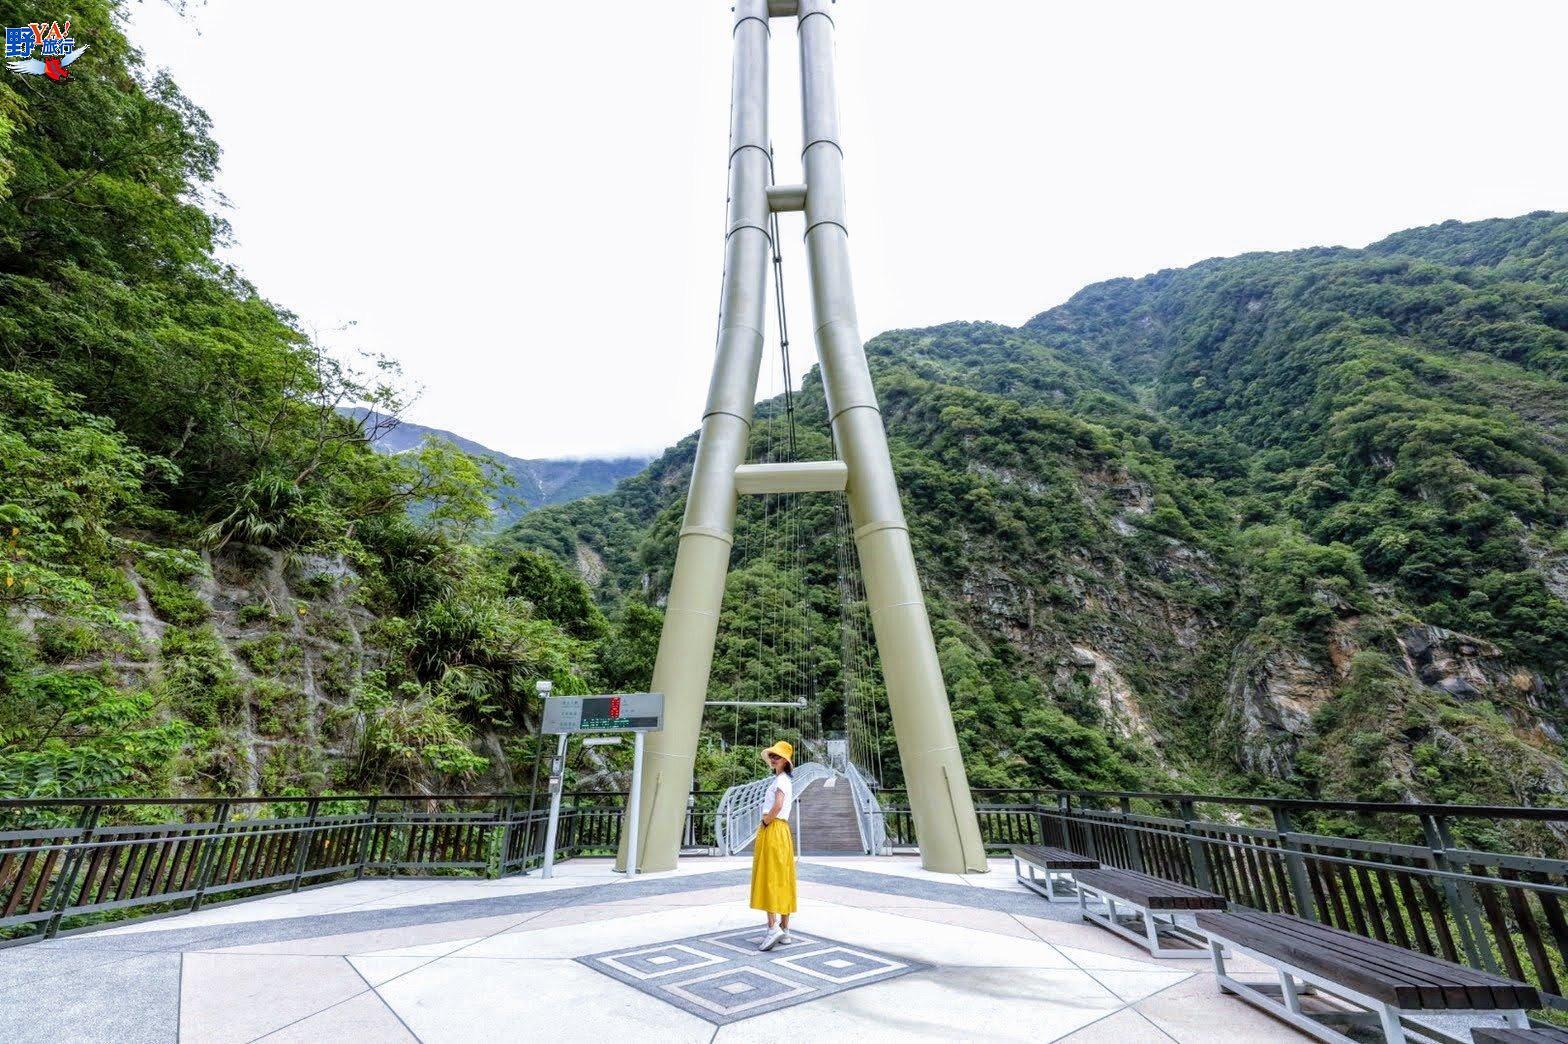 太魯閣布洛灣山月吊橋將於109年8月12日啟用  試營運期間採網路解說預約 @YA 野旅行-旅行不需要理由